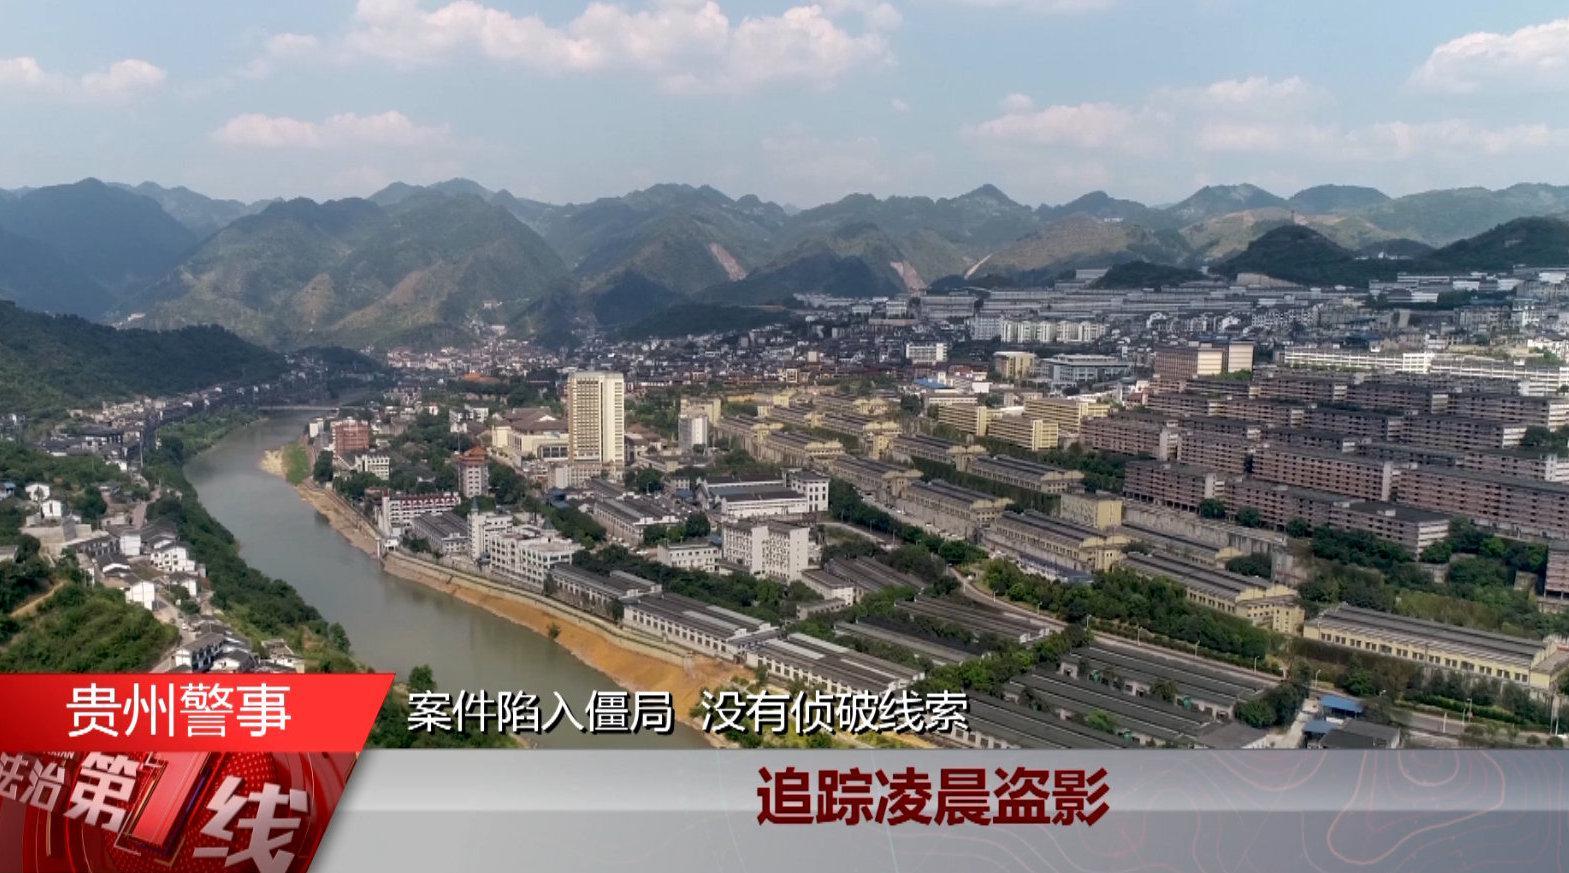 贵州警事:这伙盗贼专偷藏酒,前后偷盗白酒40吨,涉案金额400万